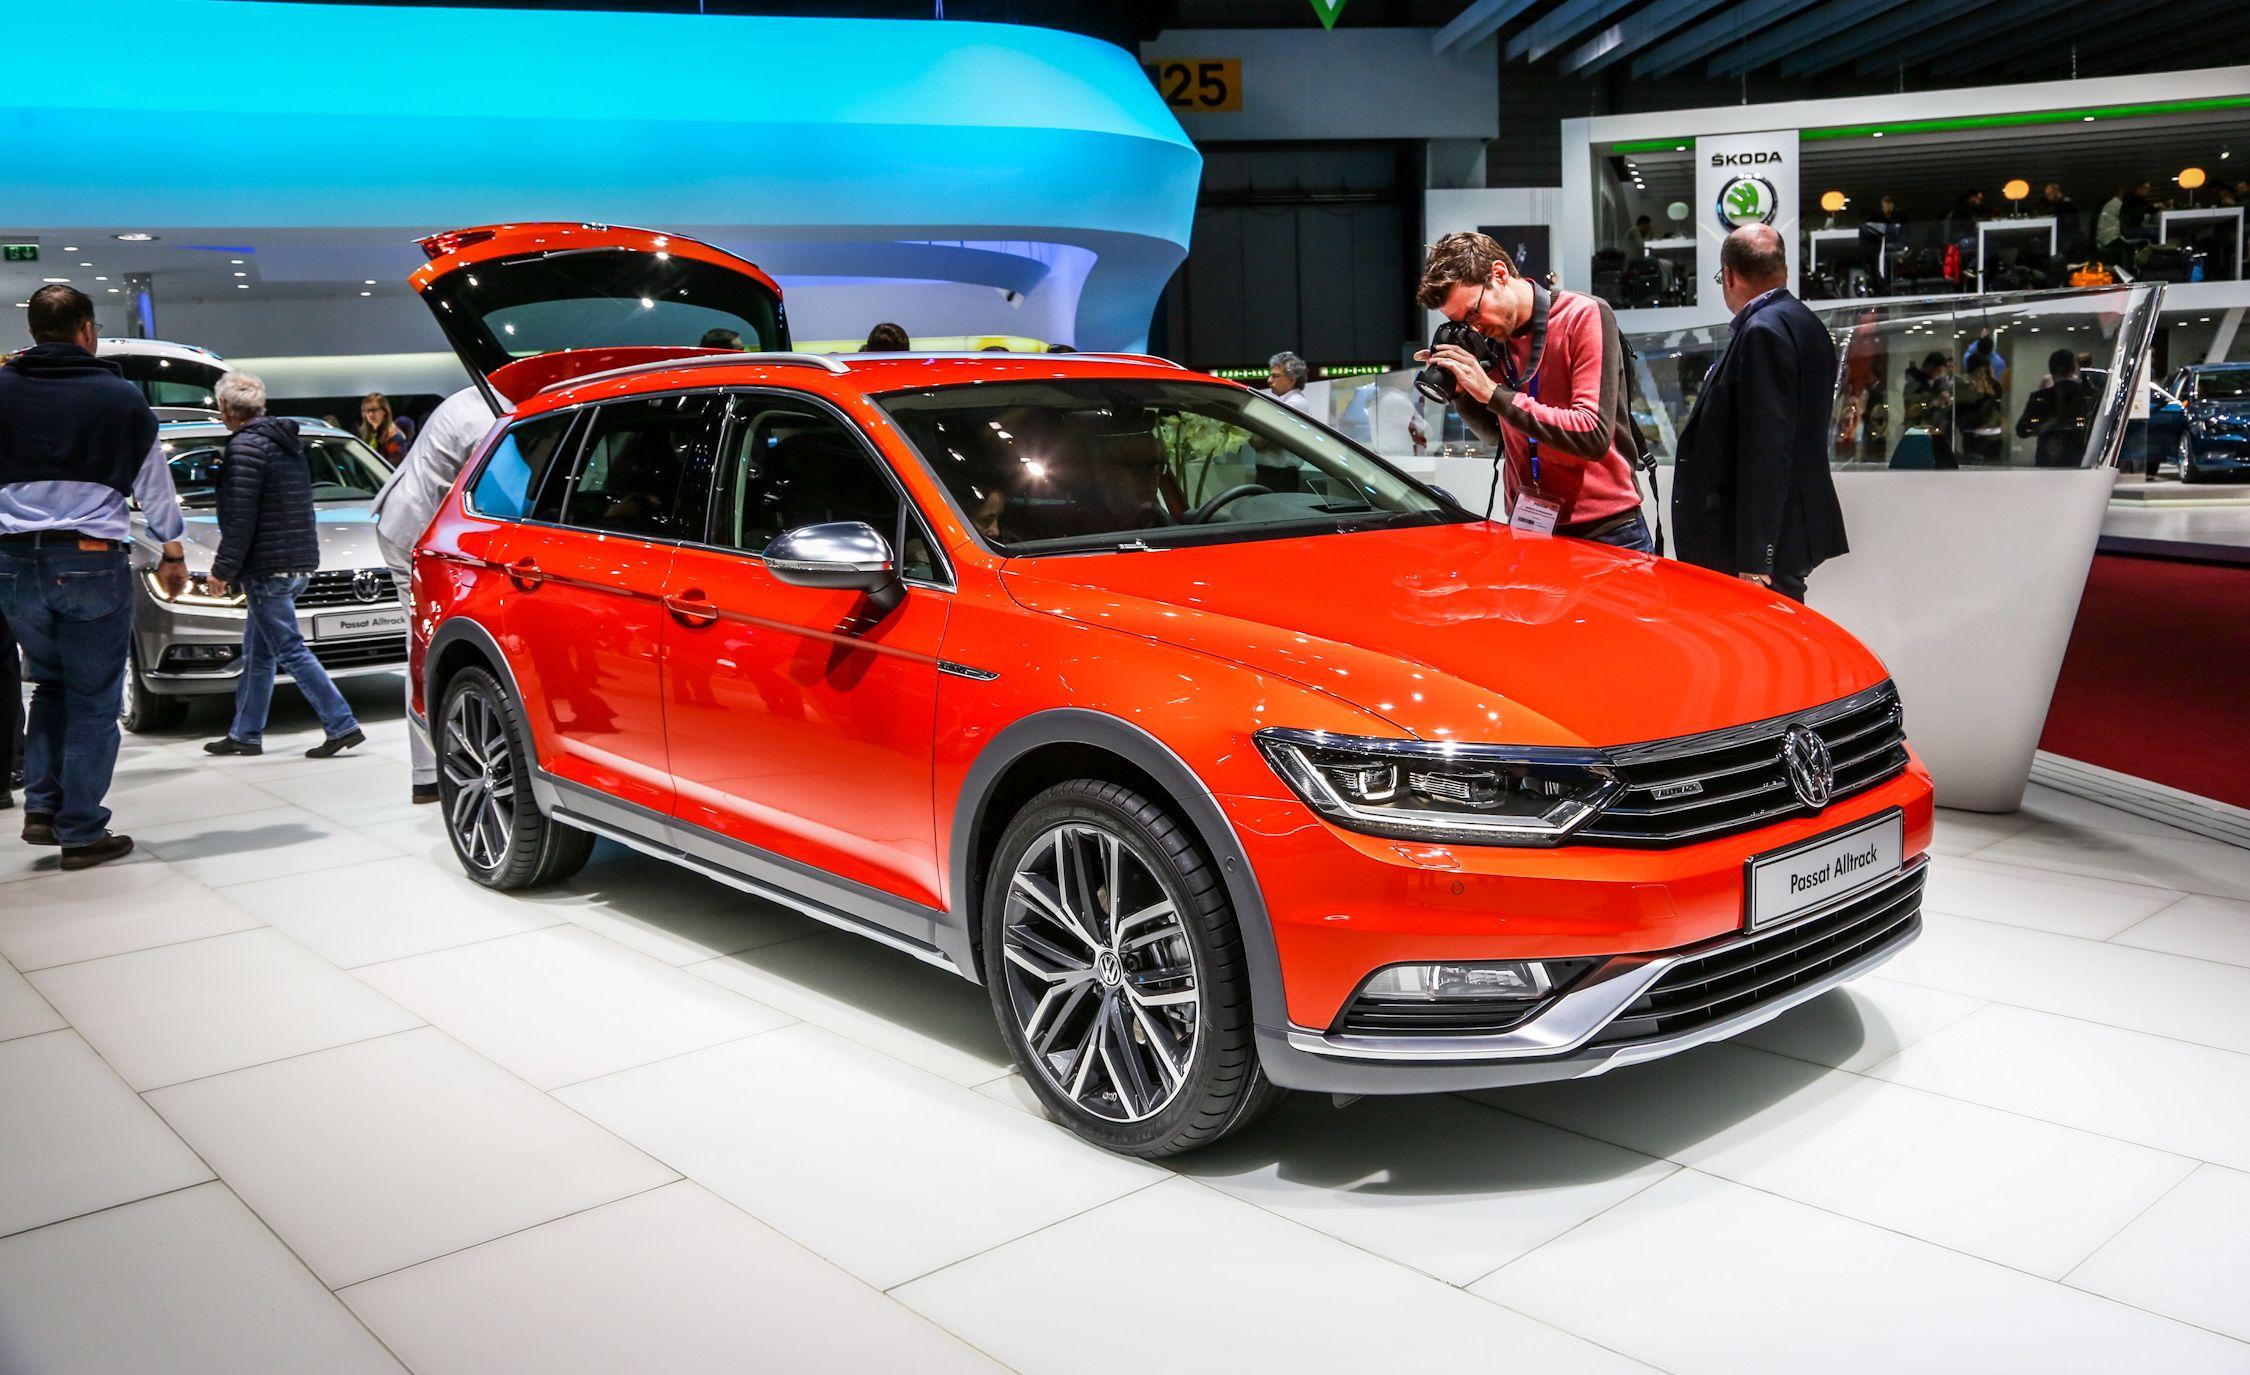 Passat Alltrack Usa >> 2016 Volkswagen Passat Alltrack Wagon Euro Spec Pictures Photo